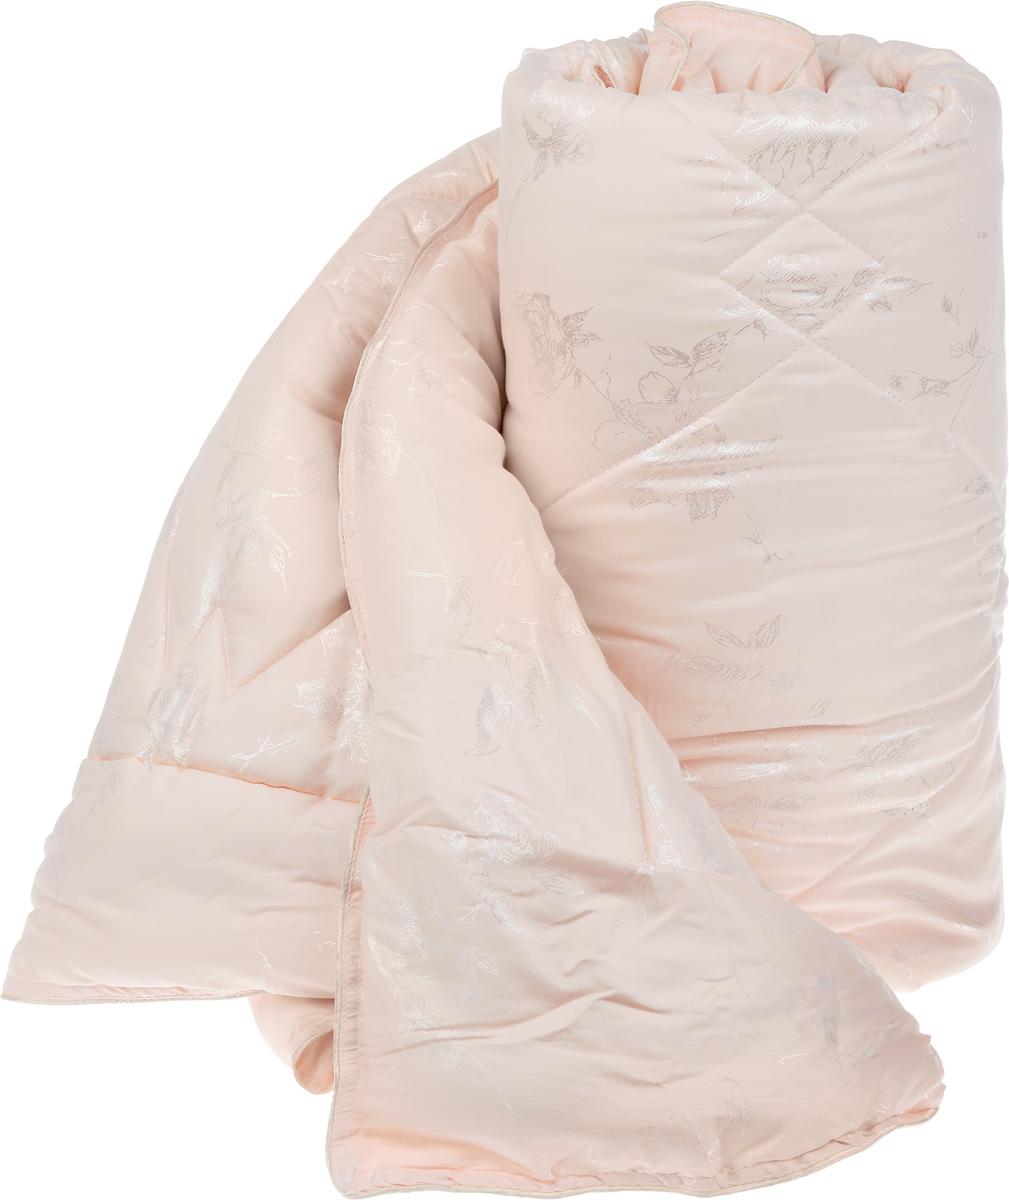 Одеяло Арт Постель, наполнитель: кашемир, 172 х 205 см2515Одеяло Арт Постель с наполнителем, состоящим из кашемира (75% козий пух и 25% полиэстер), подарит вам здоровый и комфортный сон. Чехол одеяла выполнен из 50% хлопка и 50% искусственного шелка. Кашемир - атрибут роскоши, редкий материал. Обладает уникальными характеристиками: он тонкий и шелковистый, теплее шерсти. Не вызывает аллергиии и позволяет коже дышать. Ваше одеяло прослужит долго, а его изысканный внешний вид будет годами дарить вам уют. Рекомендации по уходу: Разрешена деликатная стирка при 30°С. Рекомендуется деликатная барабанная сушка. Глажка и отбеливание запрещены. Рекомендуется бережная химическая чистка.